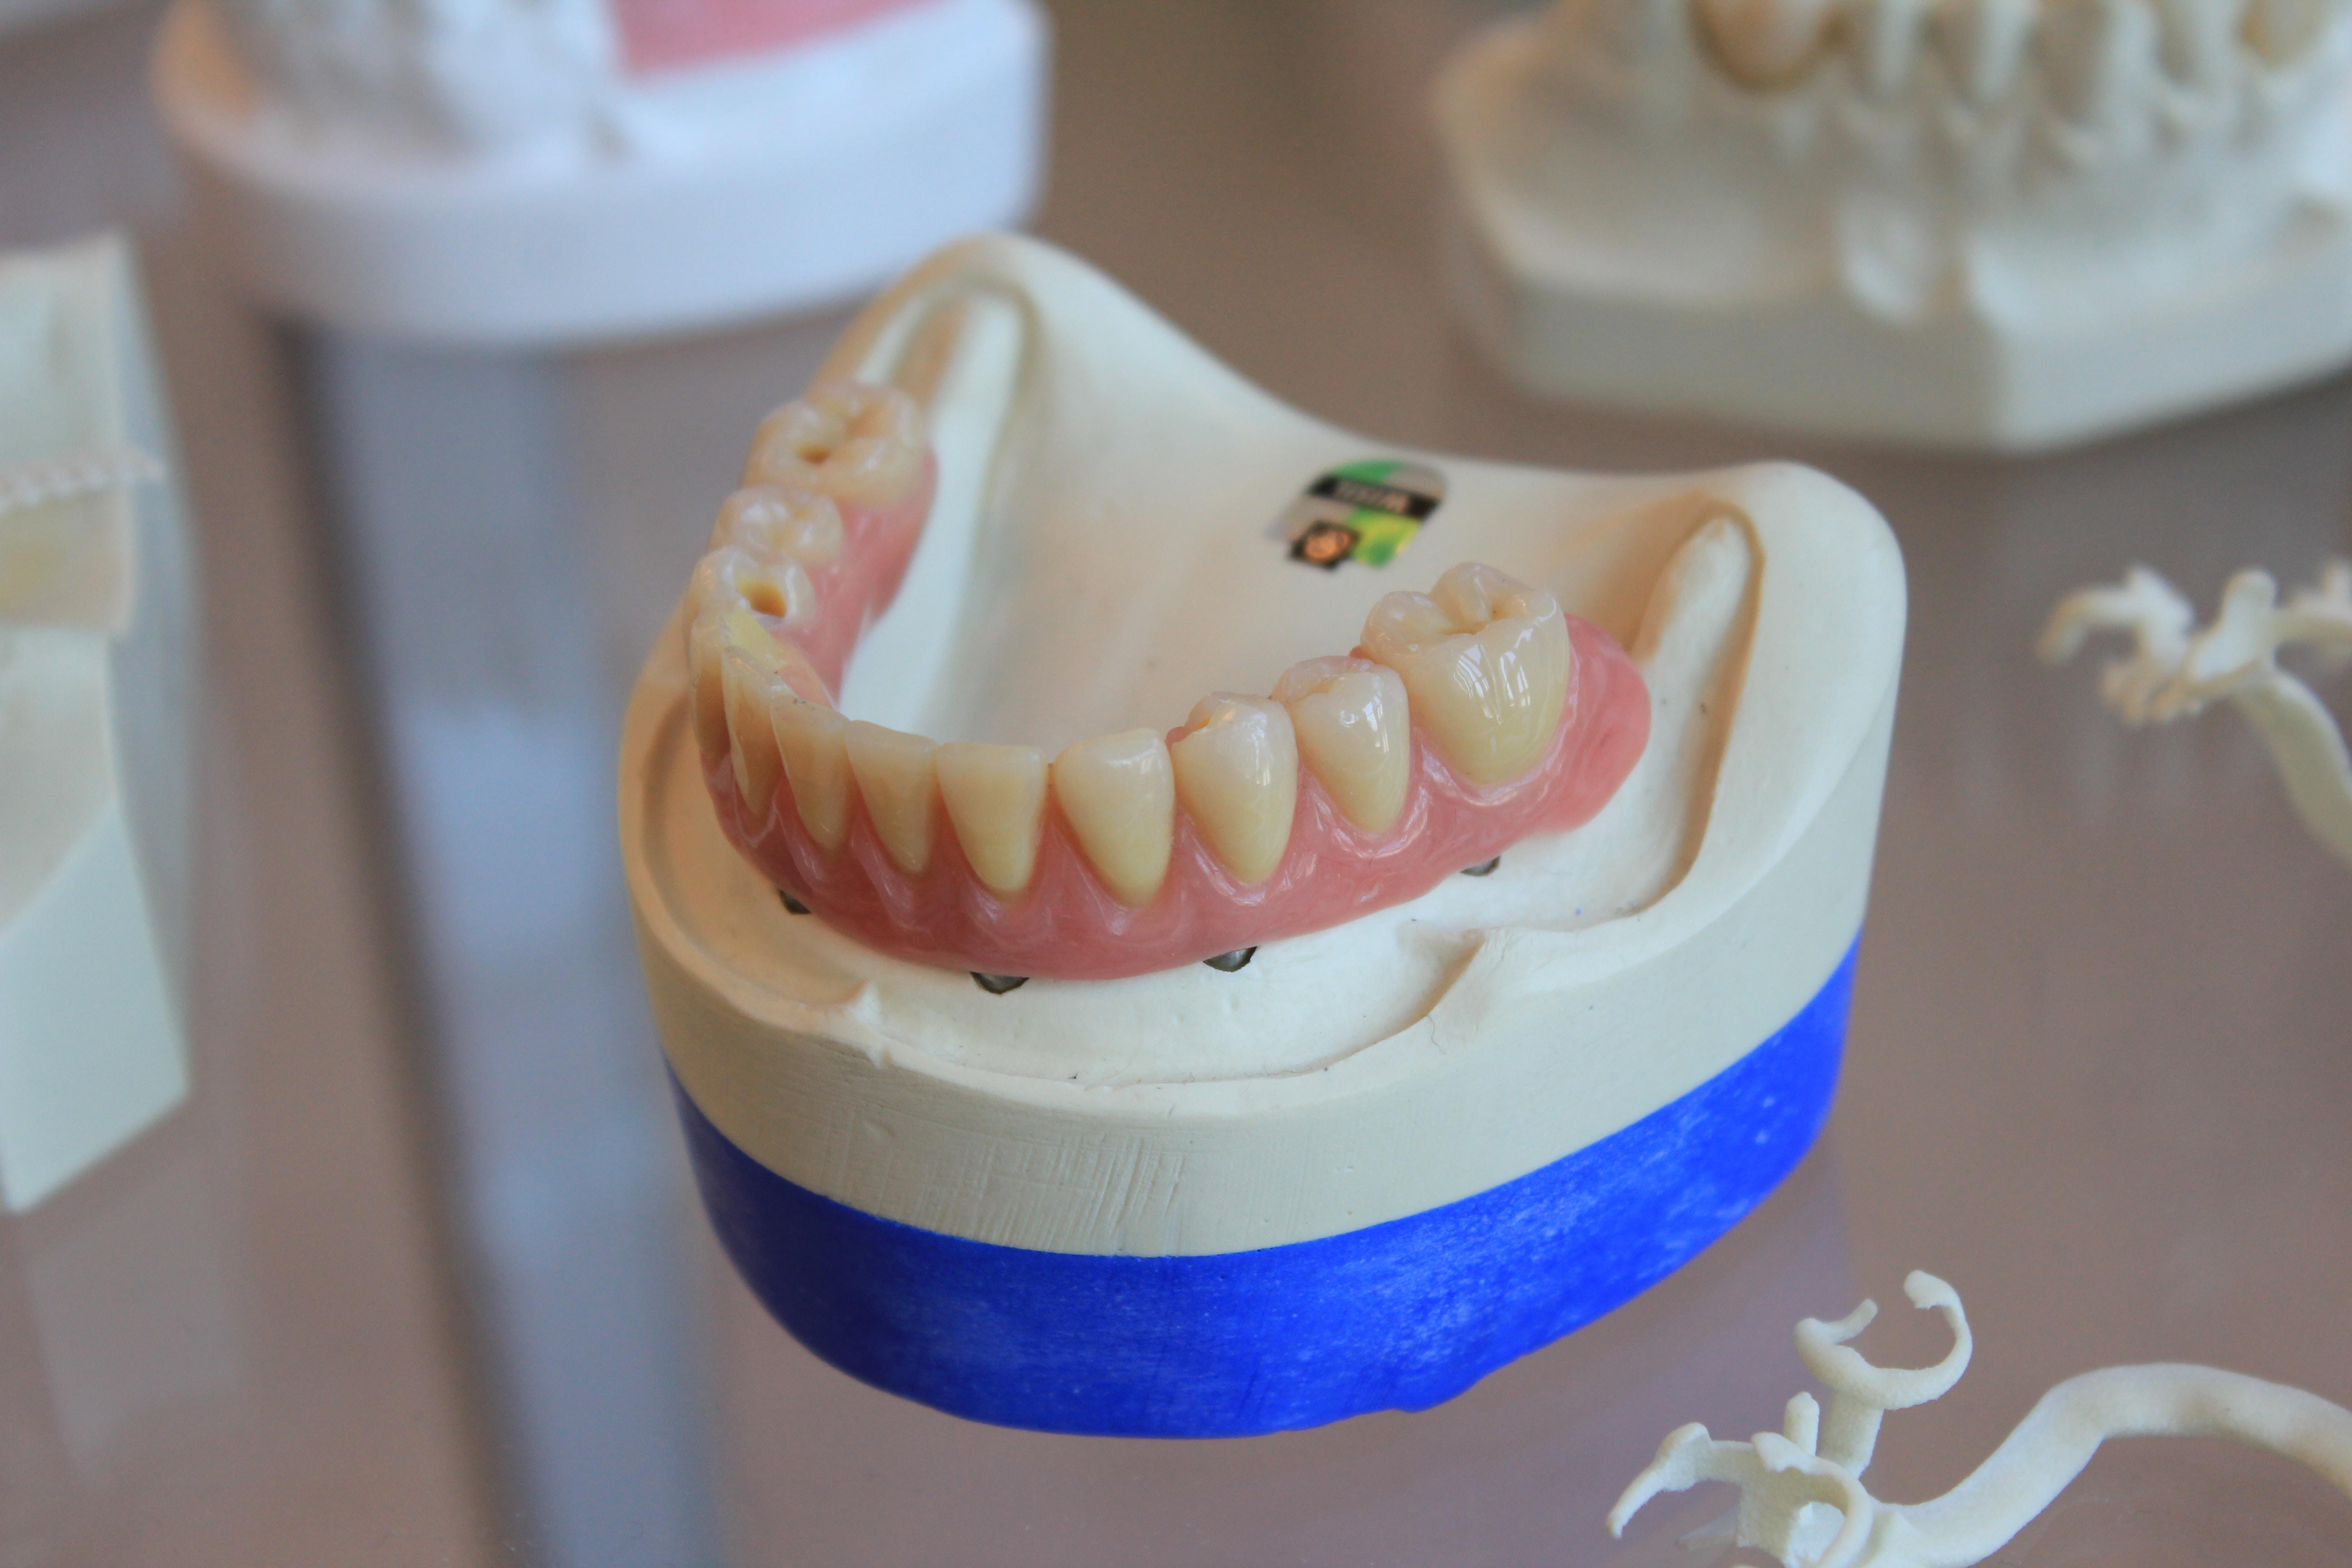 價錢 牙齒,價錢 透明牙套,維持器 牙套,品牌 隱形矯正,透明牙套 隱形矯正,隱適美 效果,牙齒 價錢,隱形矯正 價格,透明牙套 透明牙套,透明牙套 效果